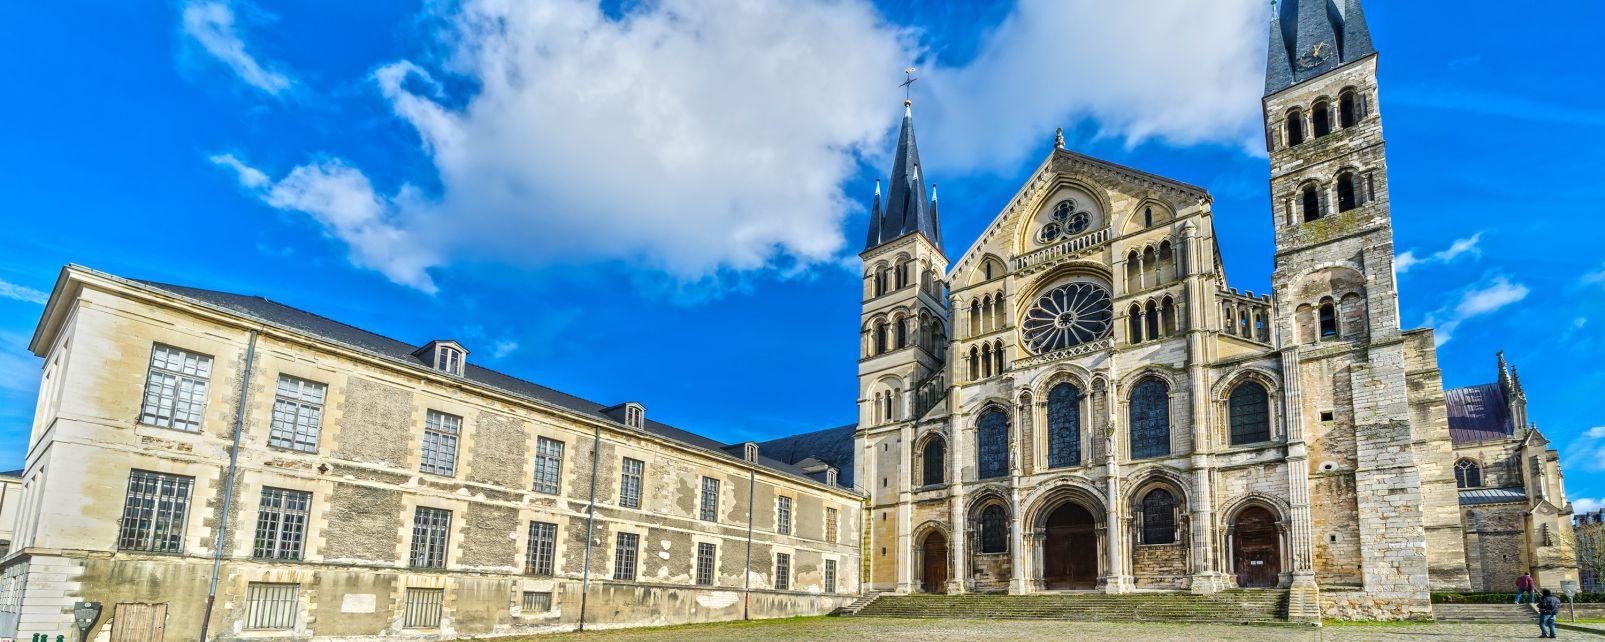 Basilique Saint Rémi, Les monuments, Champagne-Ardenne